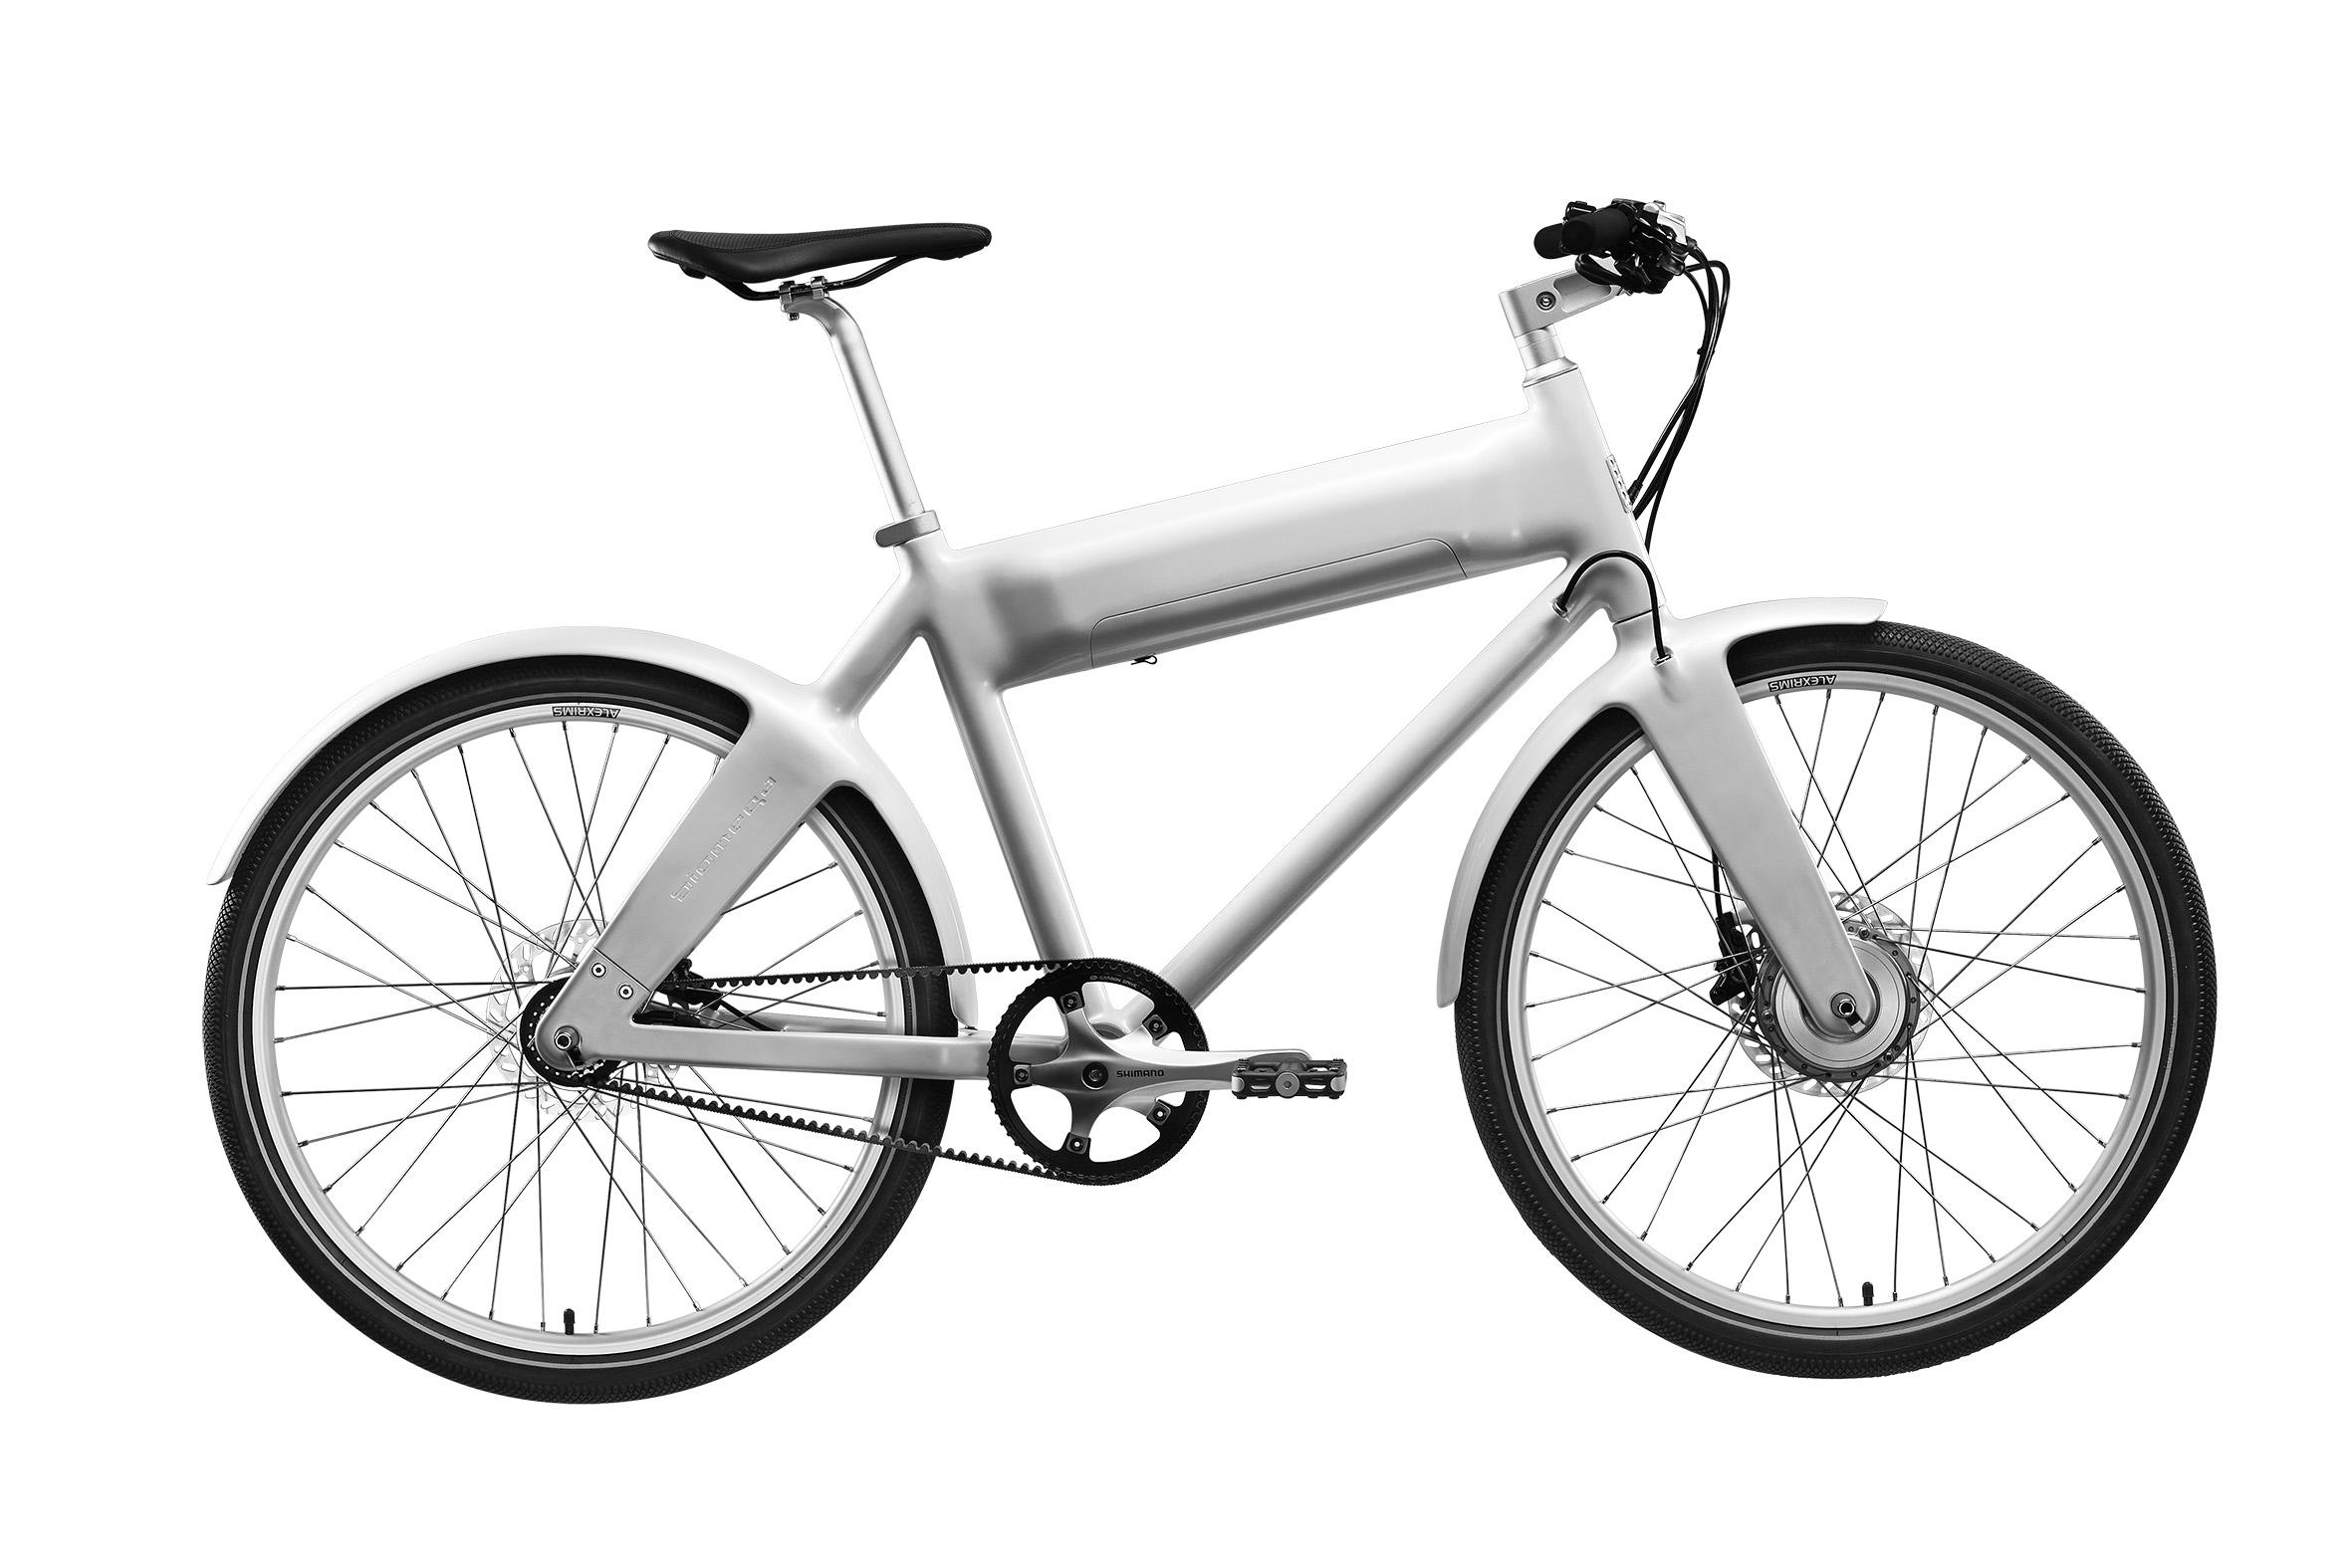 OKO Biomega El-cykel